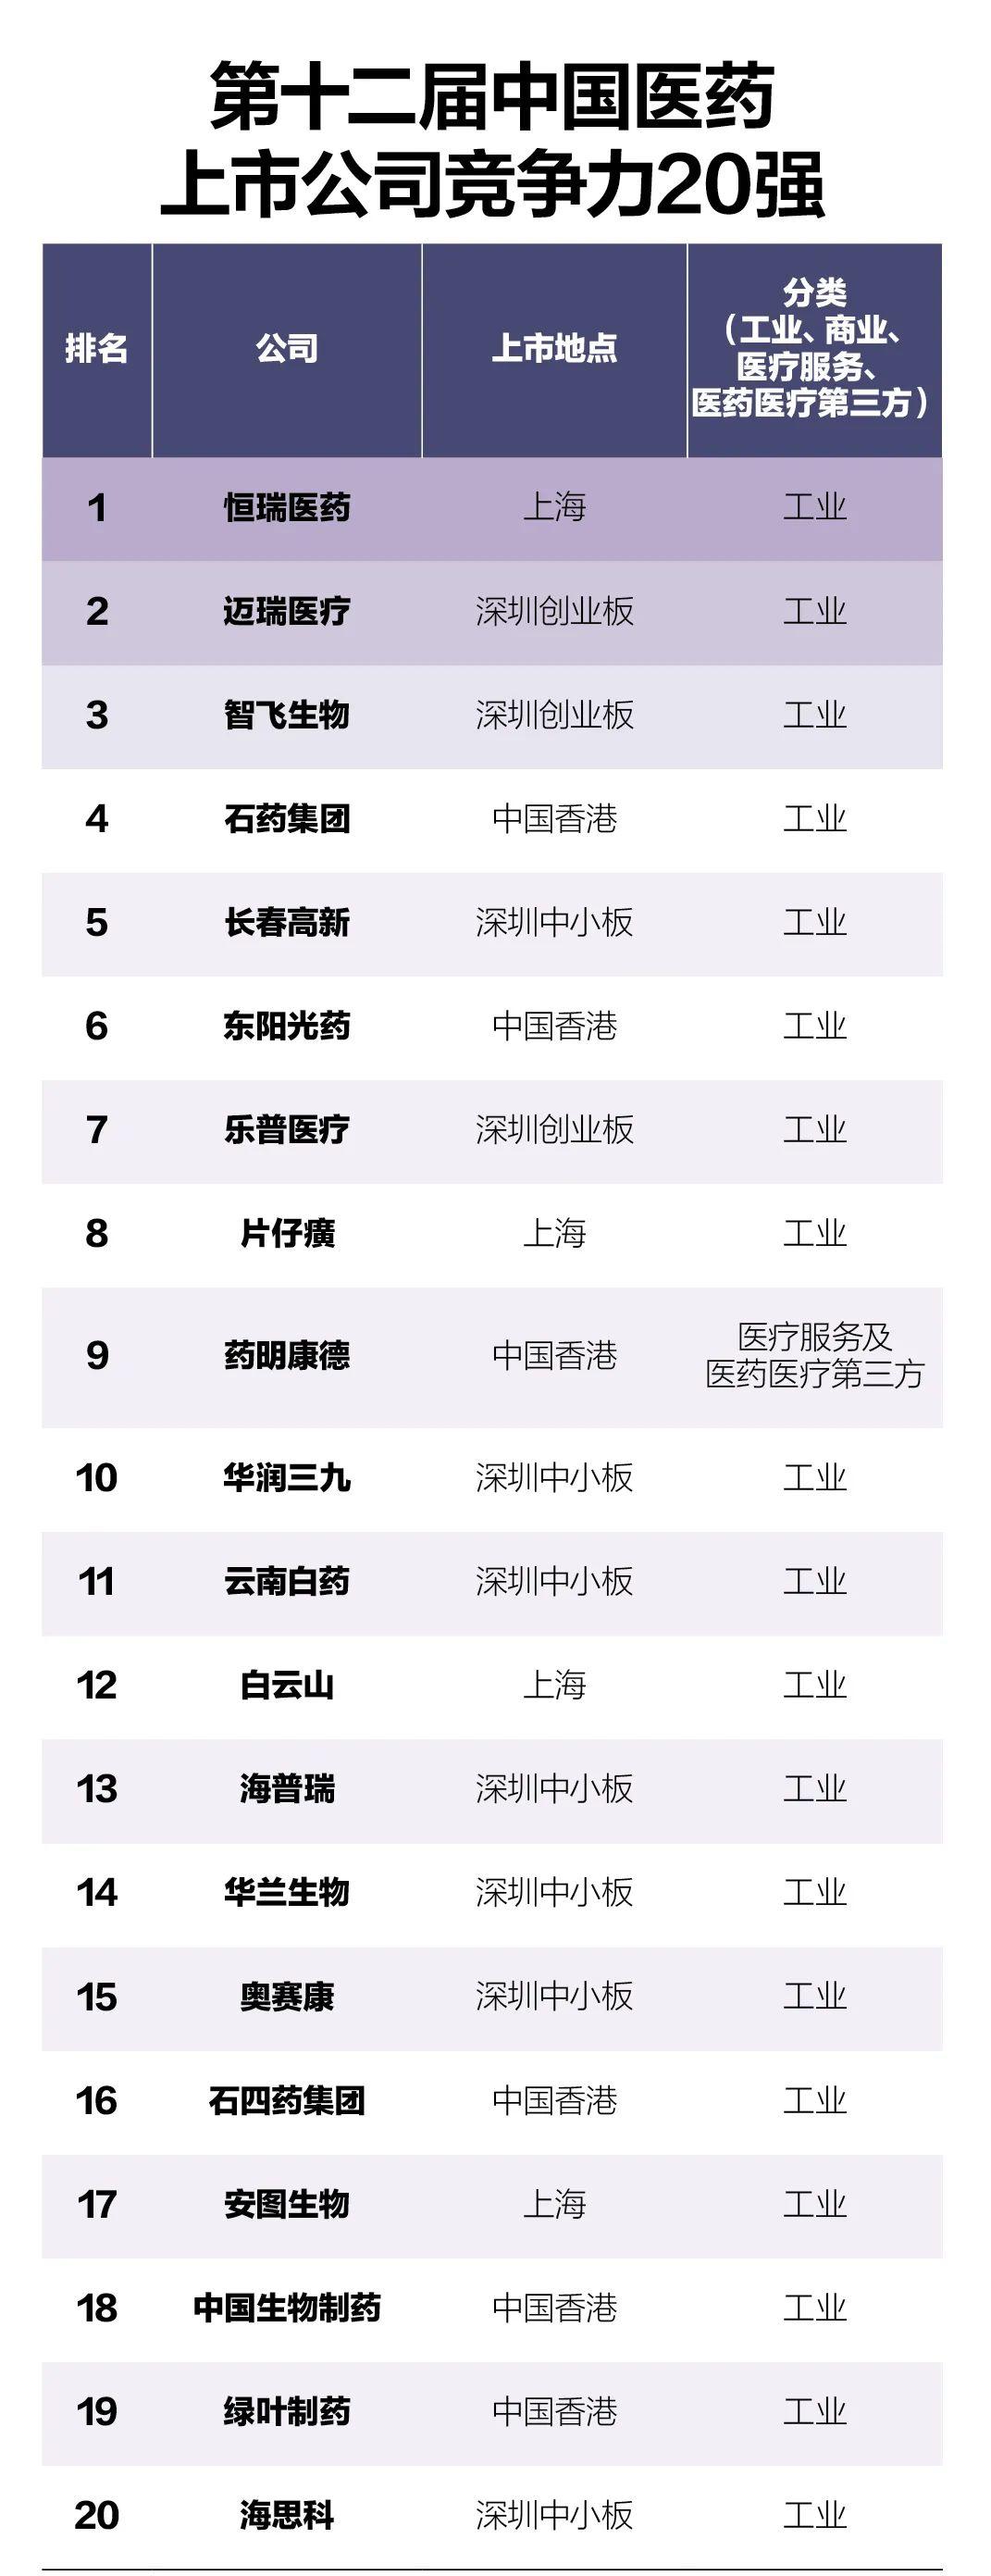 龙头落幕,新秀登场!2020年中国医药上市公司竞争力20强重磅公布